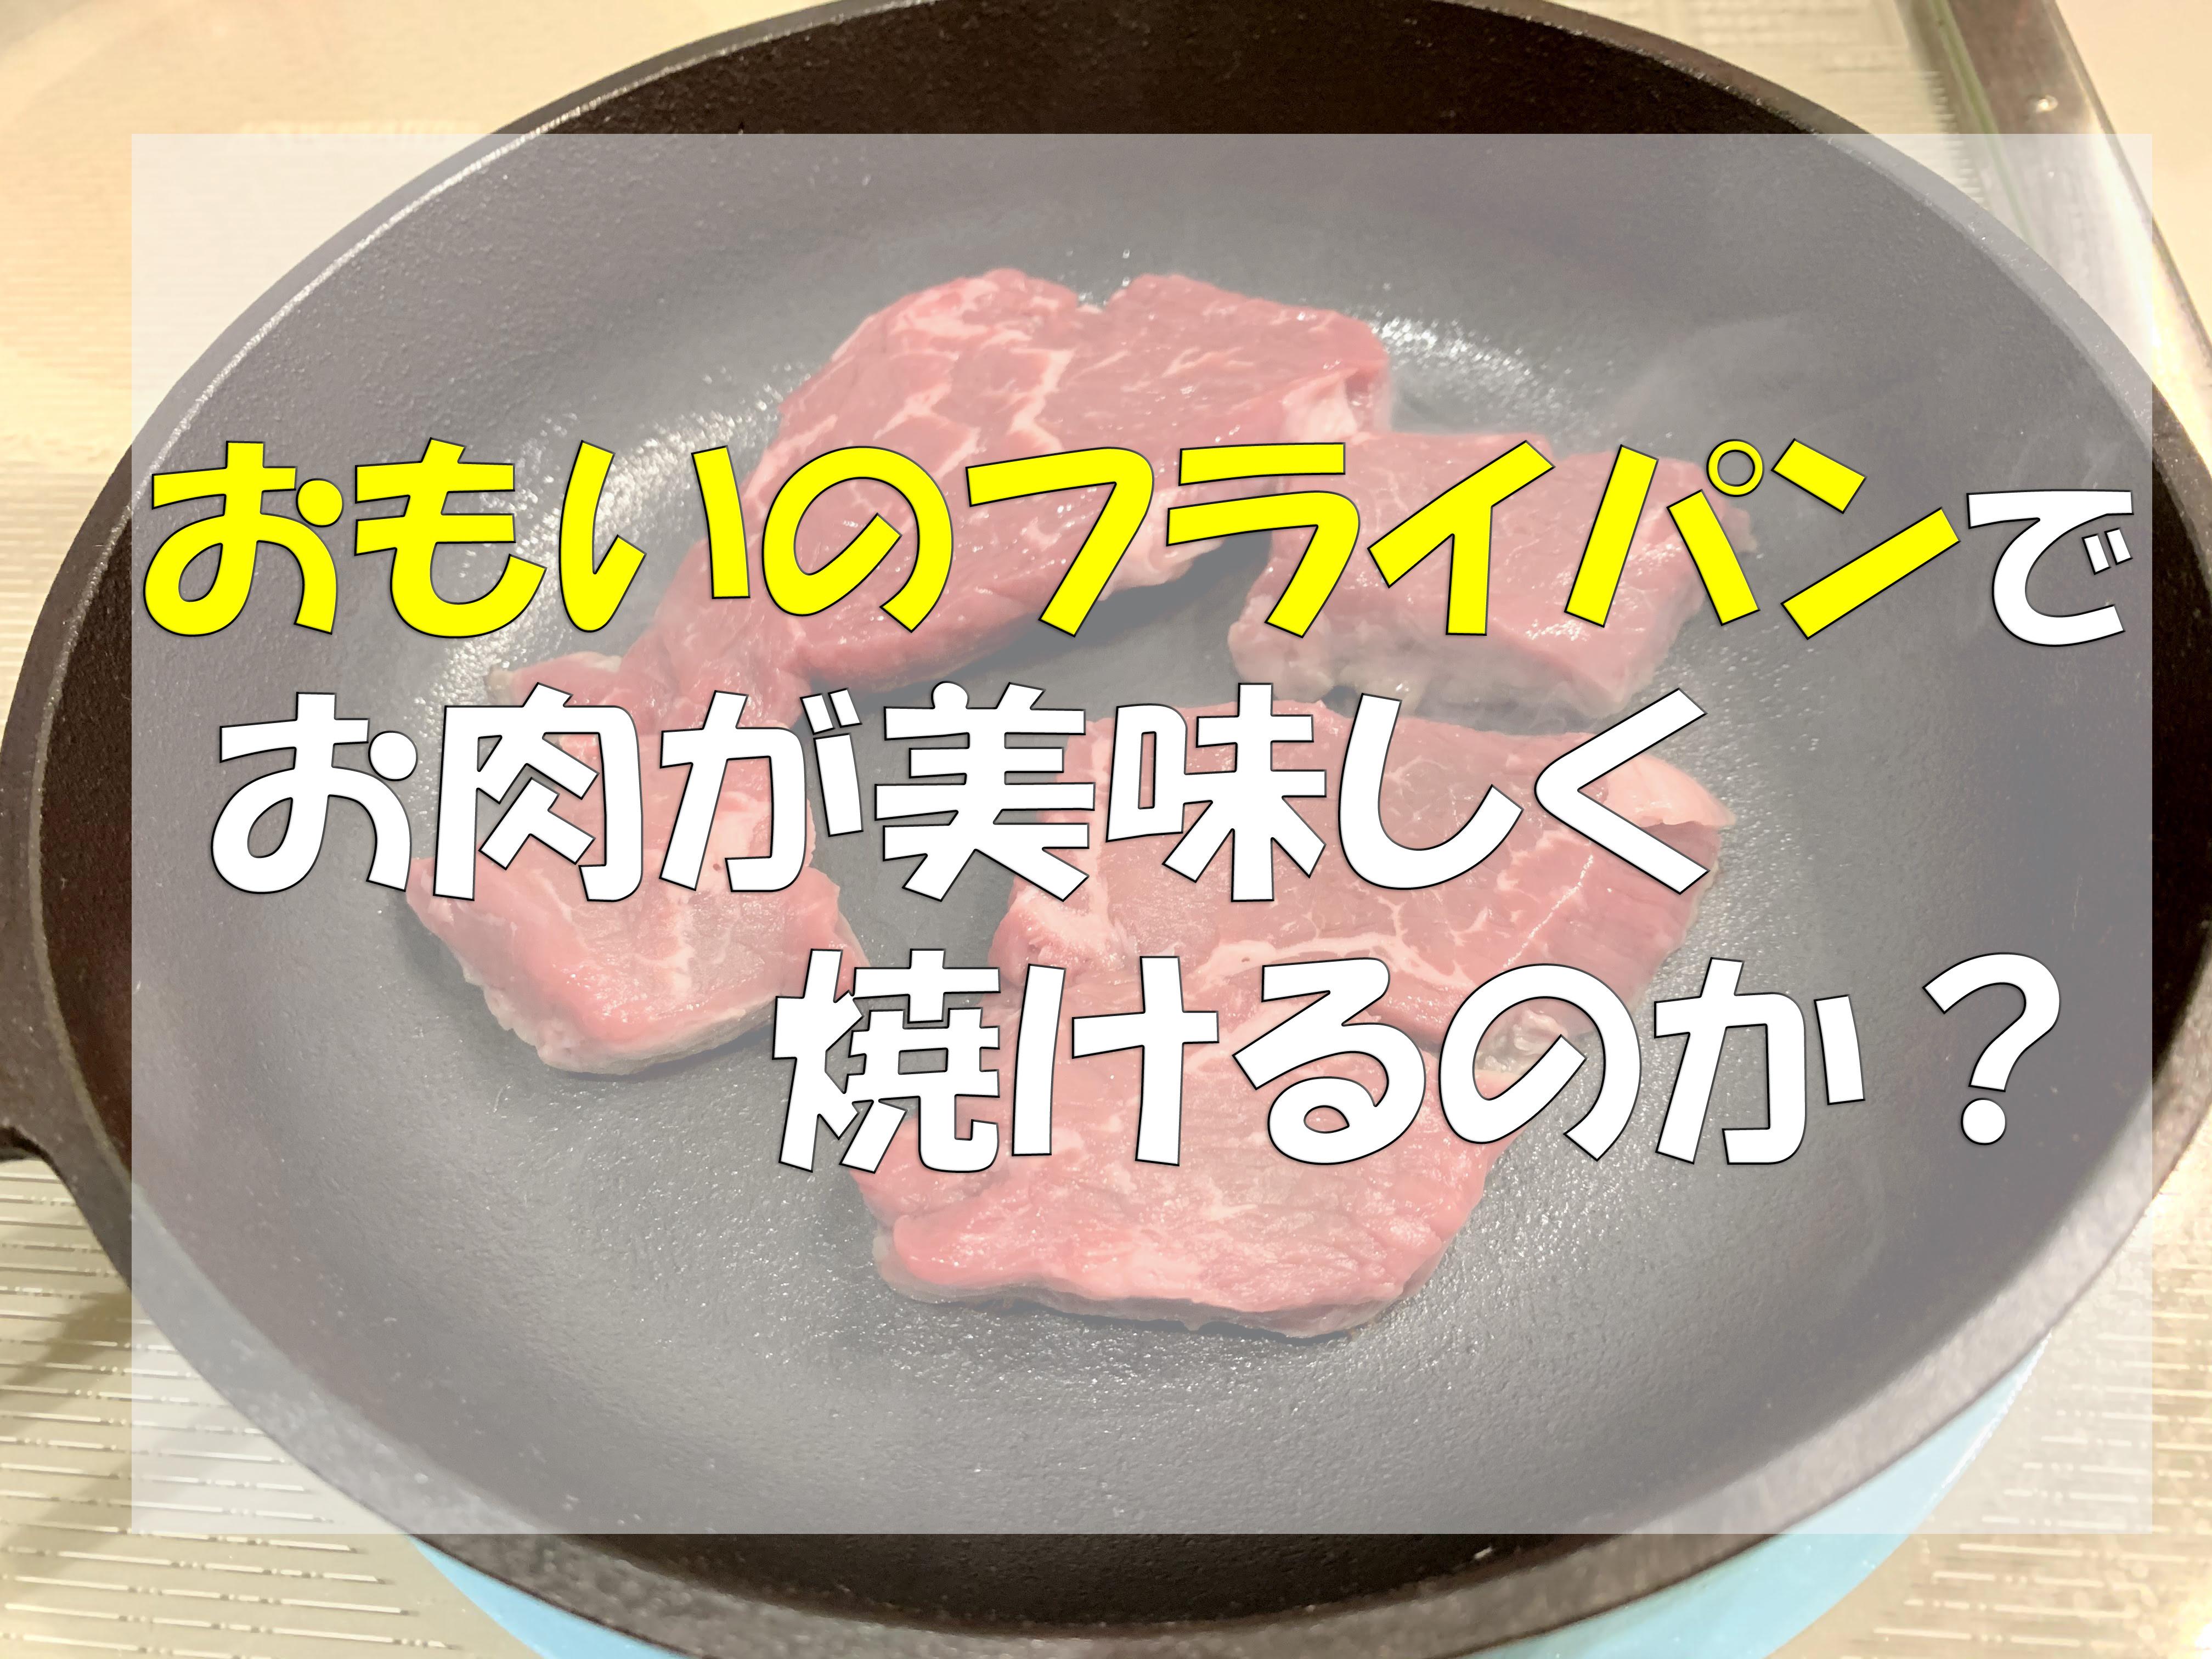 おもいのフライパンは本当に肉が美味しく焼ける?納期はどれくらい?